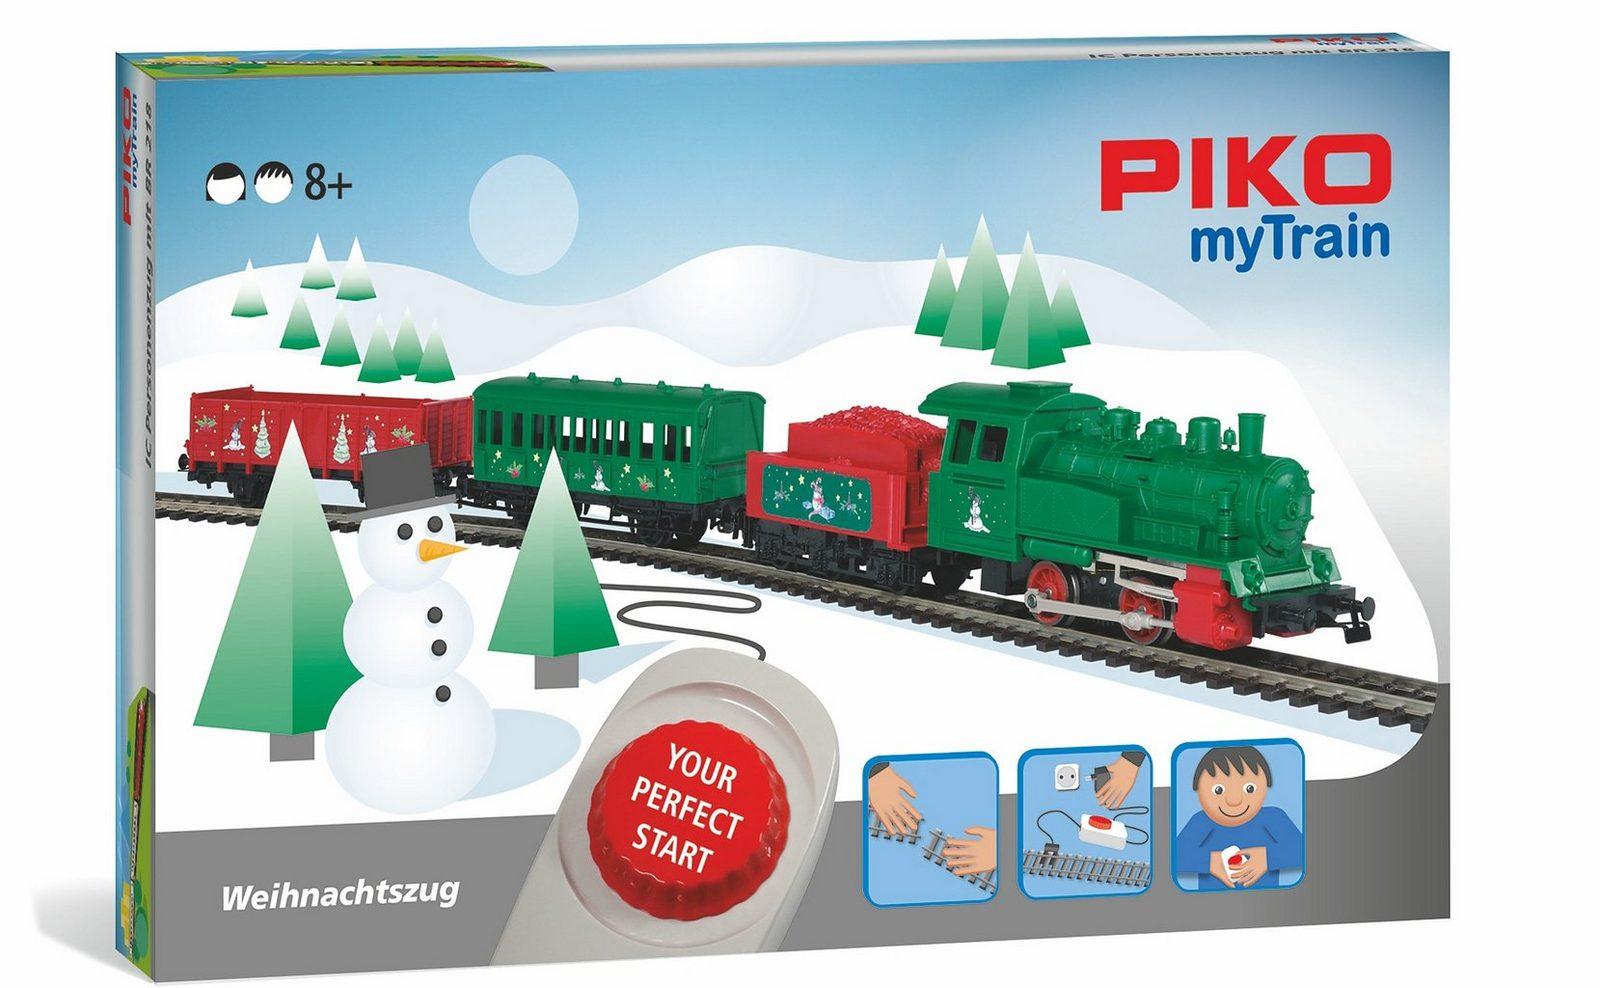 PIKO Modelleisenbahn Startset, »PIKO myTrain, Weihnachten mit Dampflok, DB - Gleichstrom« Spur H0 - broschei